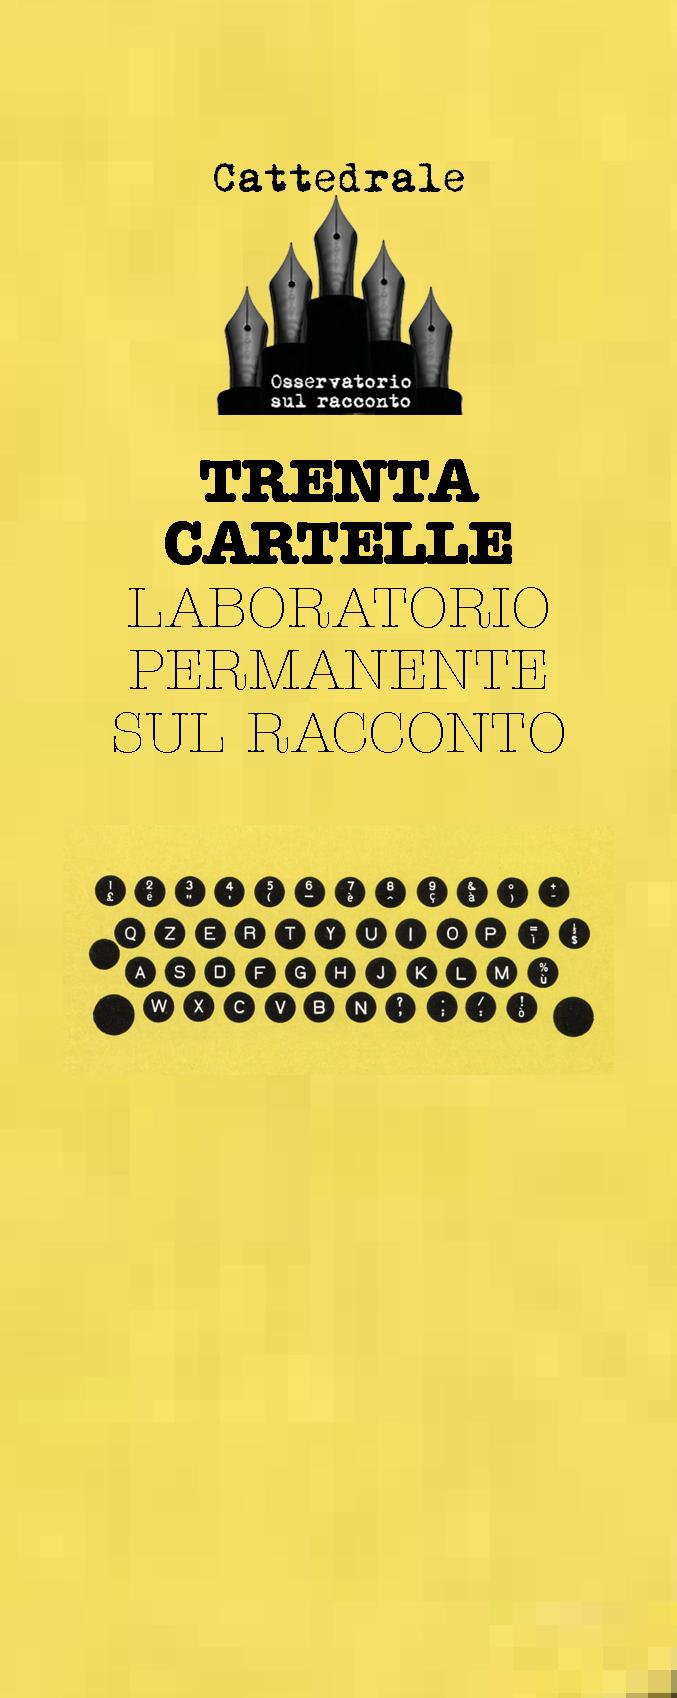 I Modulo 2019-2020  con Rossella Milone e Antonella Lattanzi  II Modulo in collaborazione con Scuola del Libro